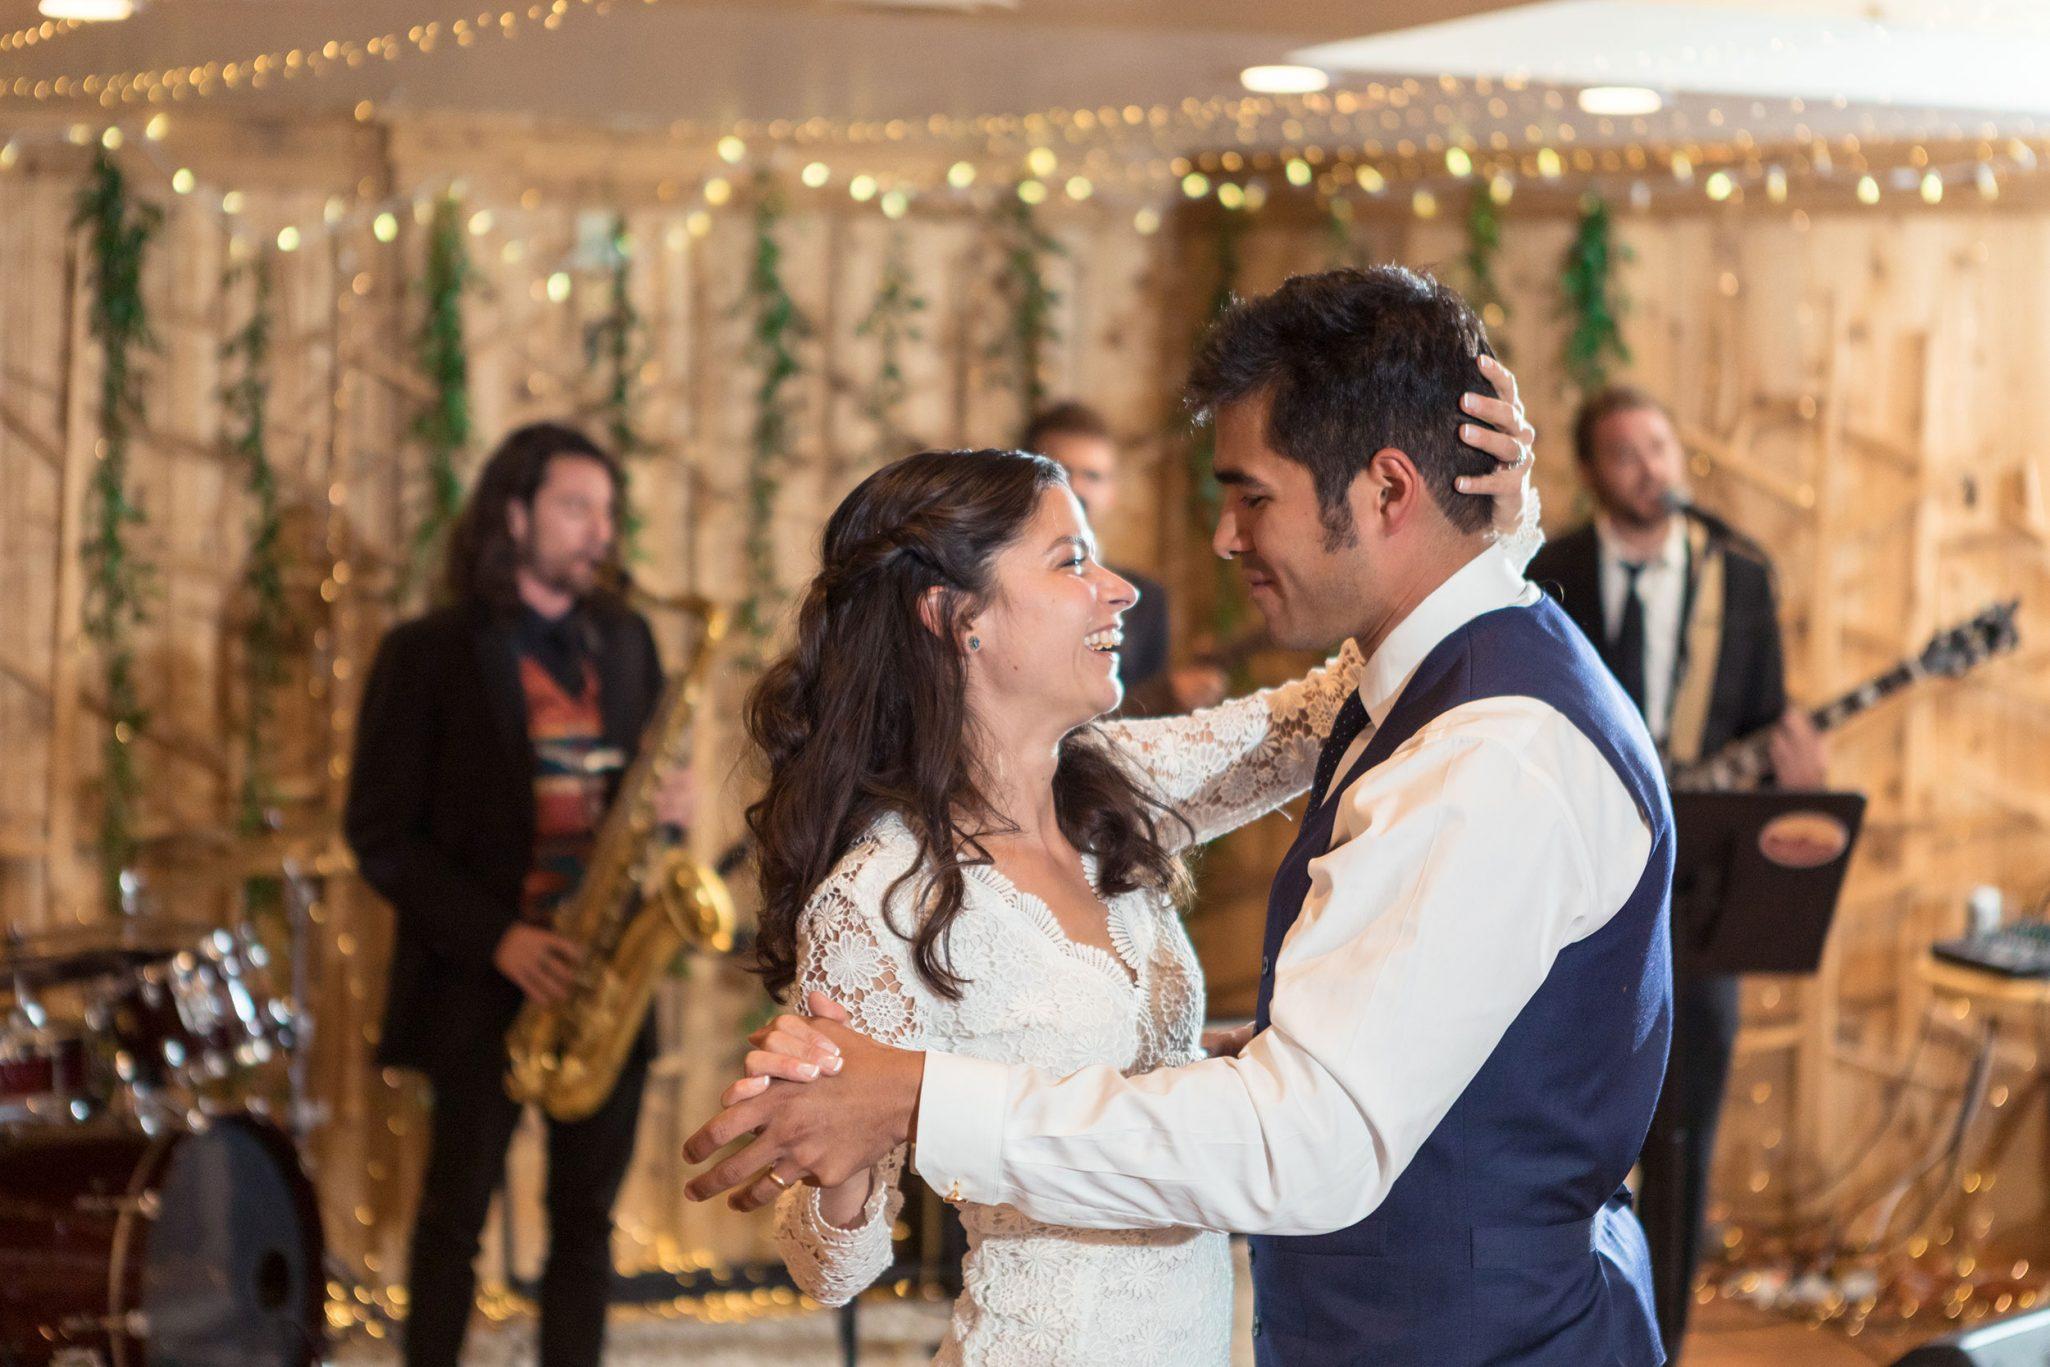 Wedding Reception Dancing at Silverpick Lodge, Durango, Colorado